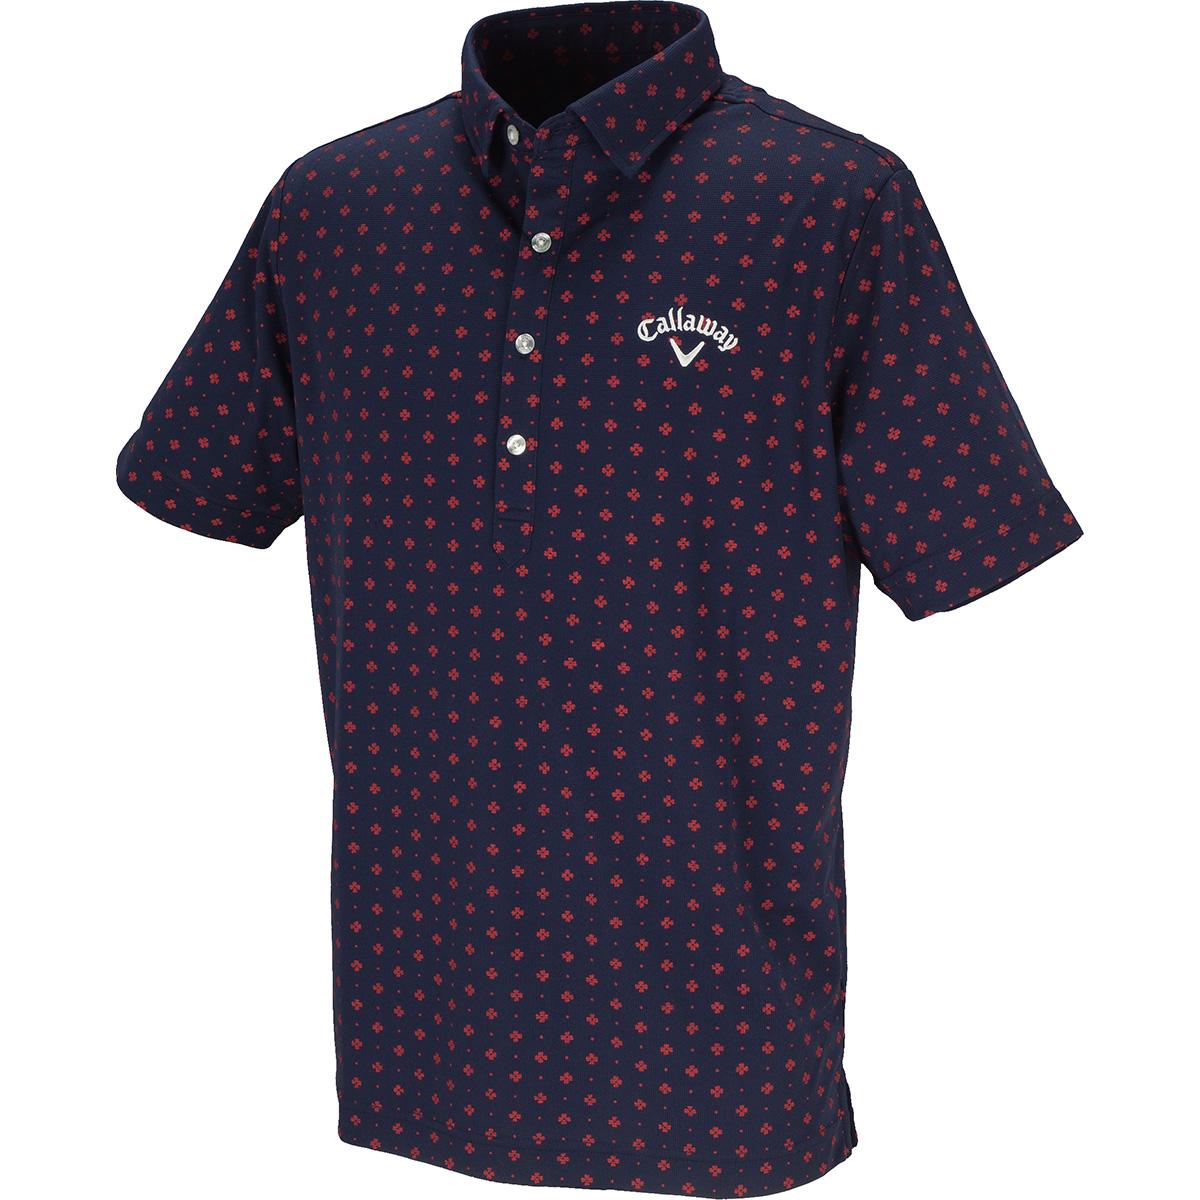 ドットプリントミニワッフル共襟半袖ポロシャツ